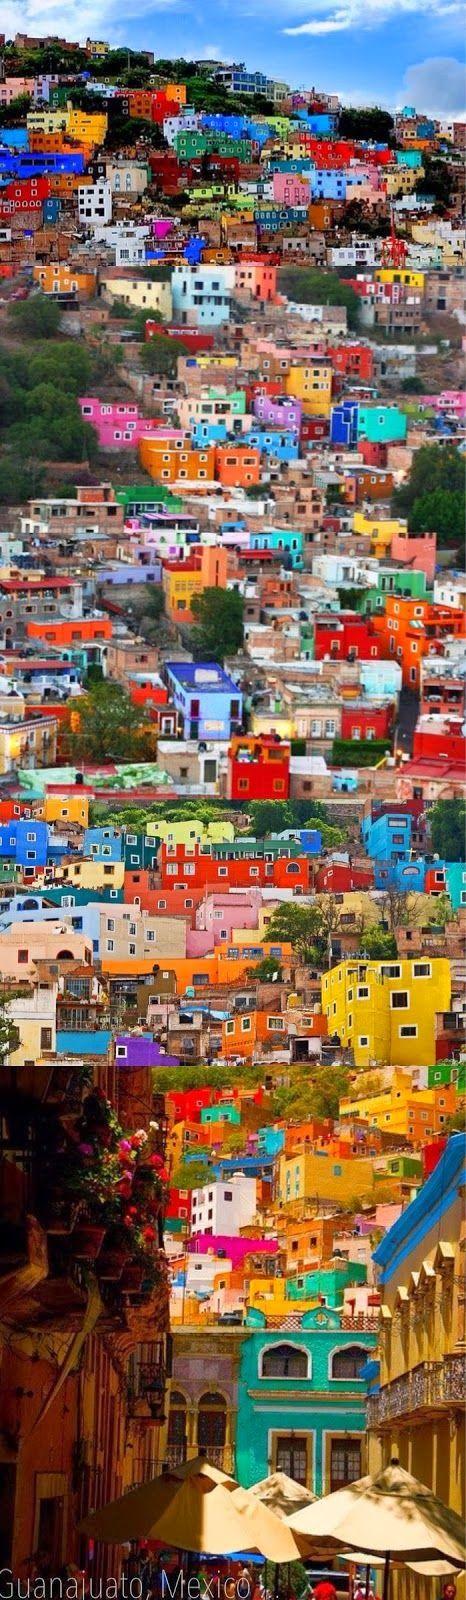 »✿❤Colors❤✿« Guanajuato, Mexico